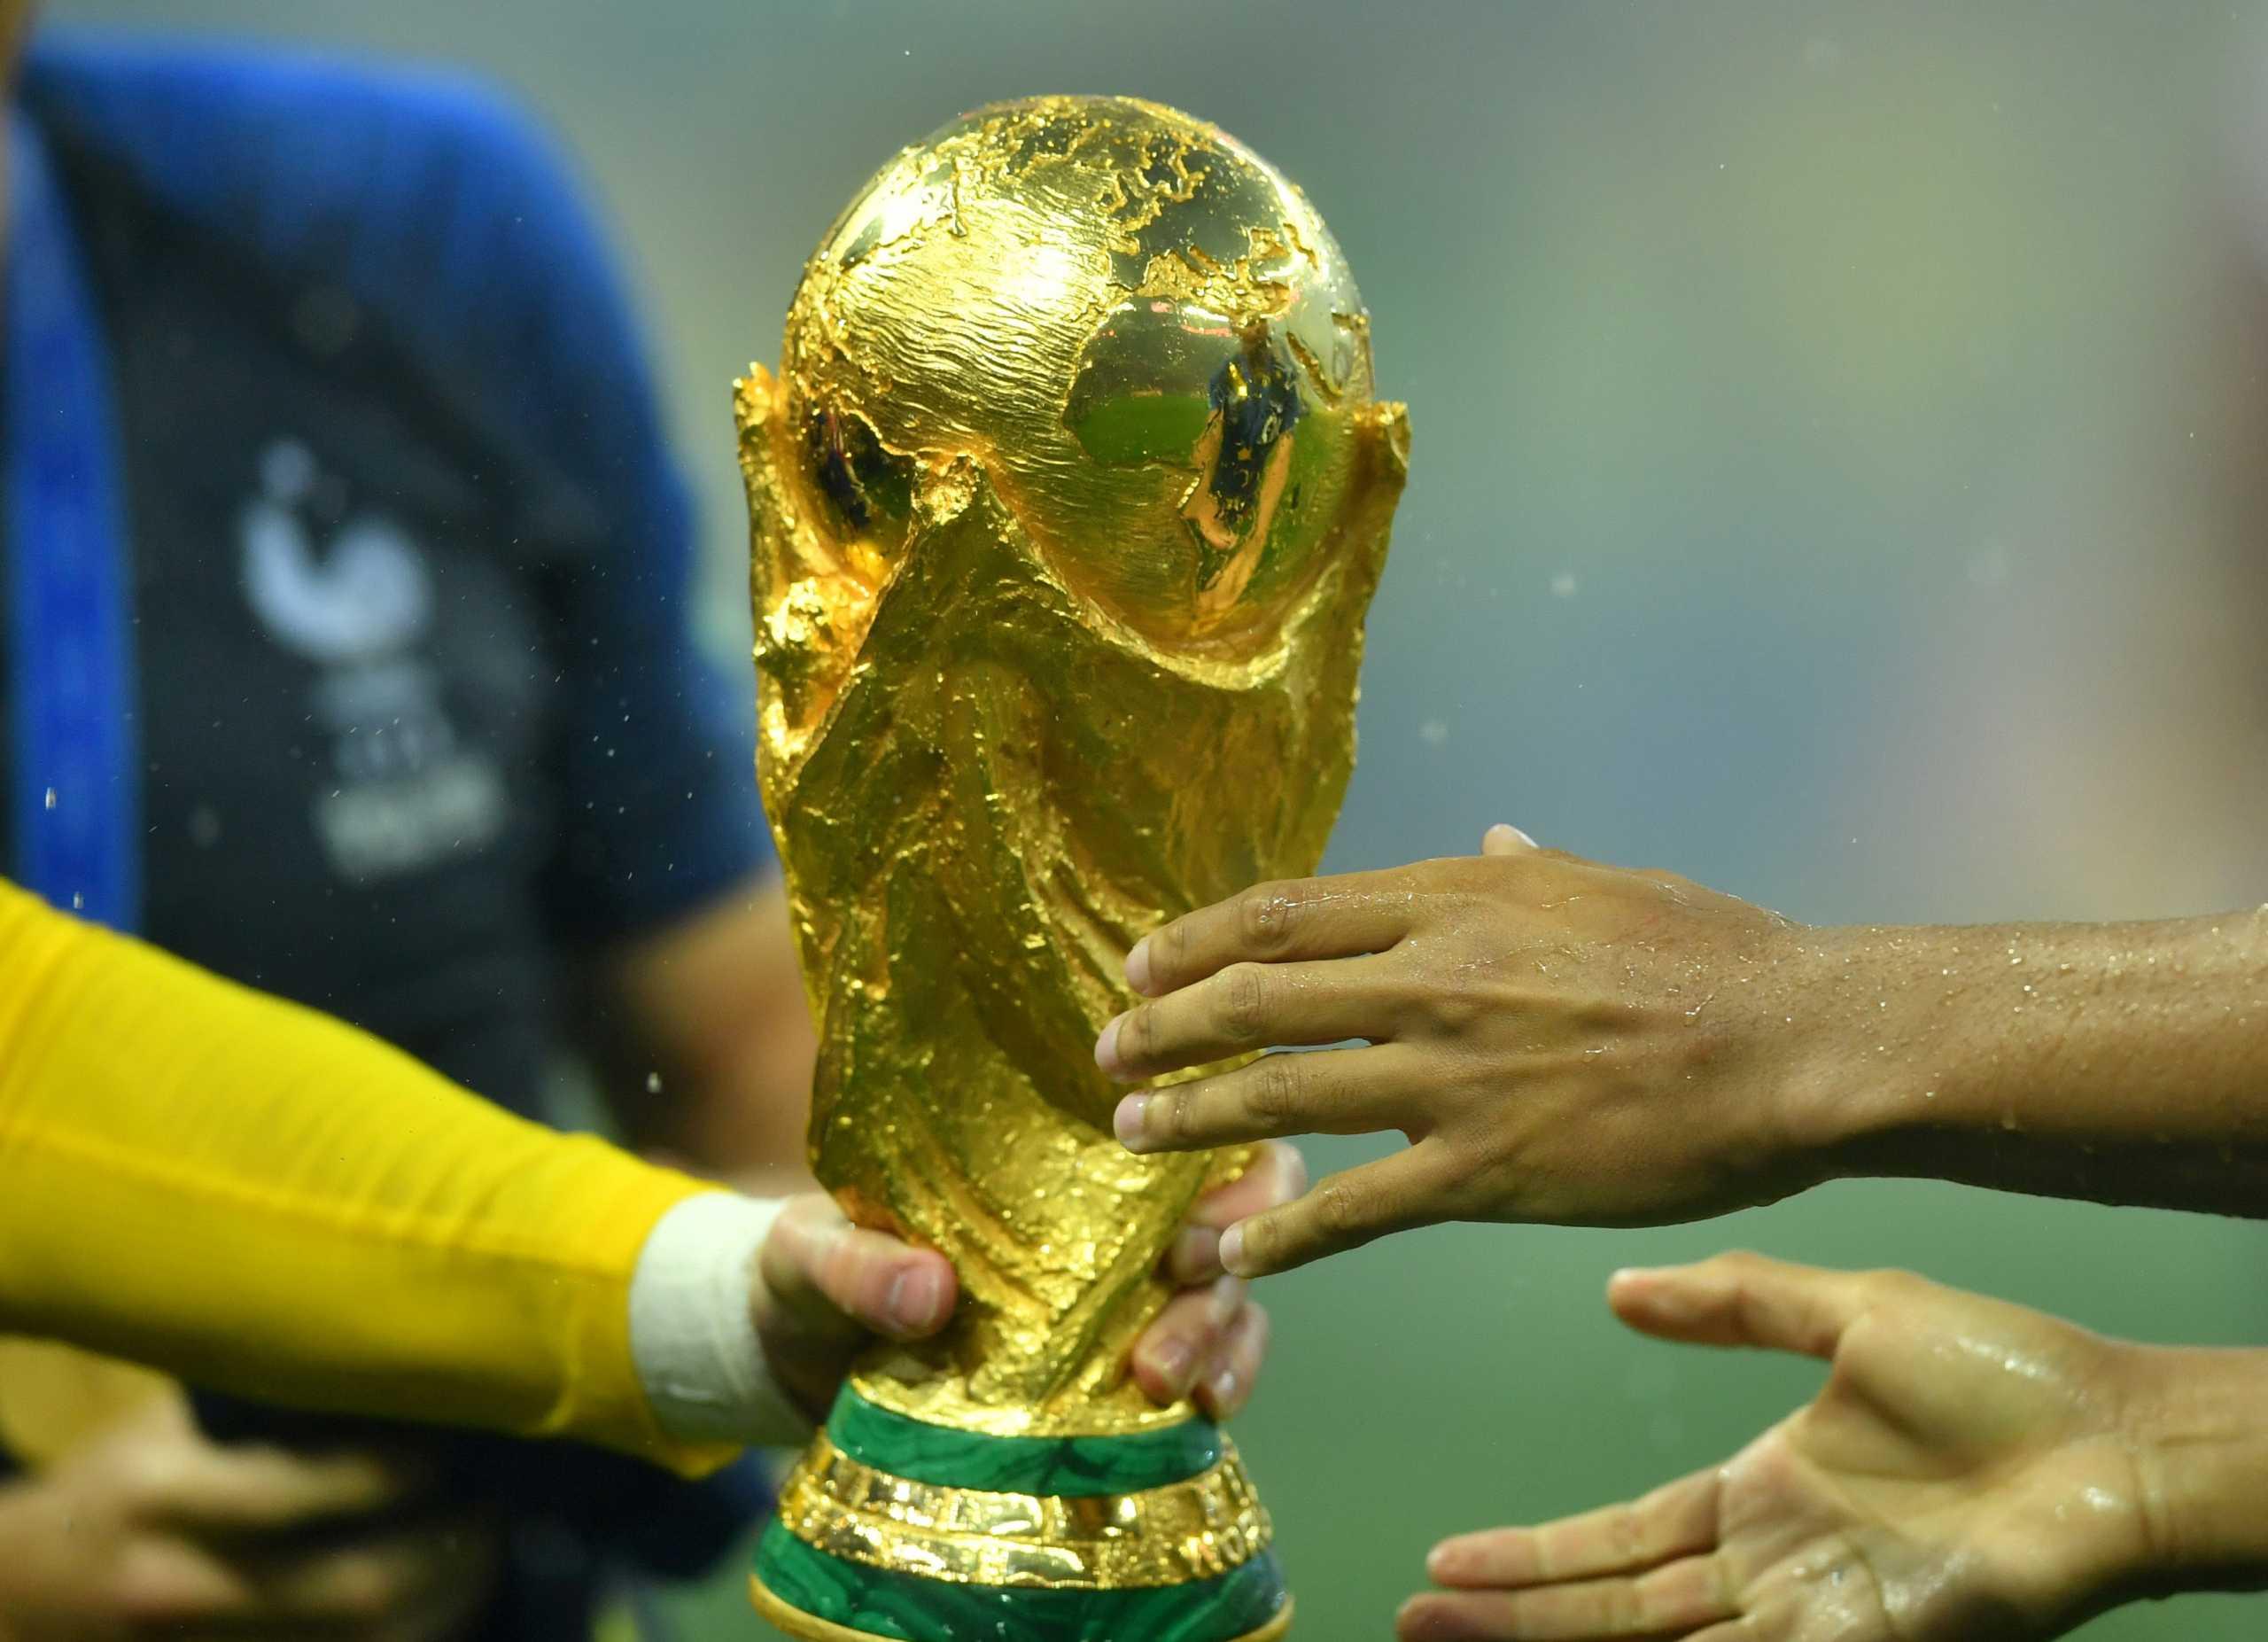 Η Εθνική Ομάδα μπαίνει στη μάχη για το Παγκόσμιο Κύπελλο